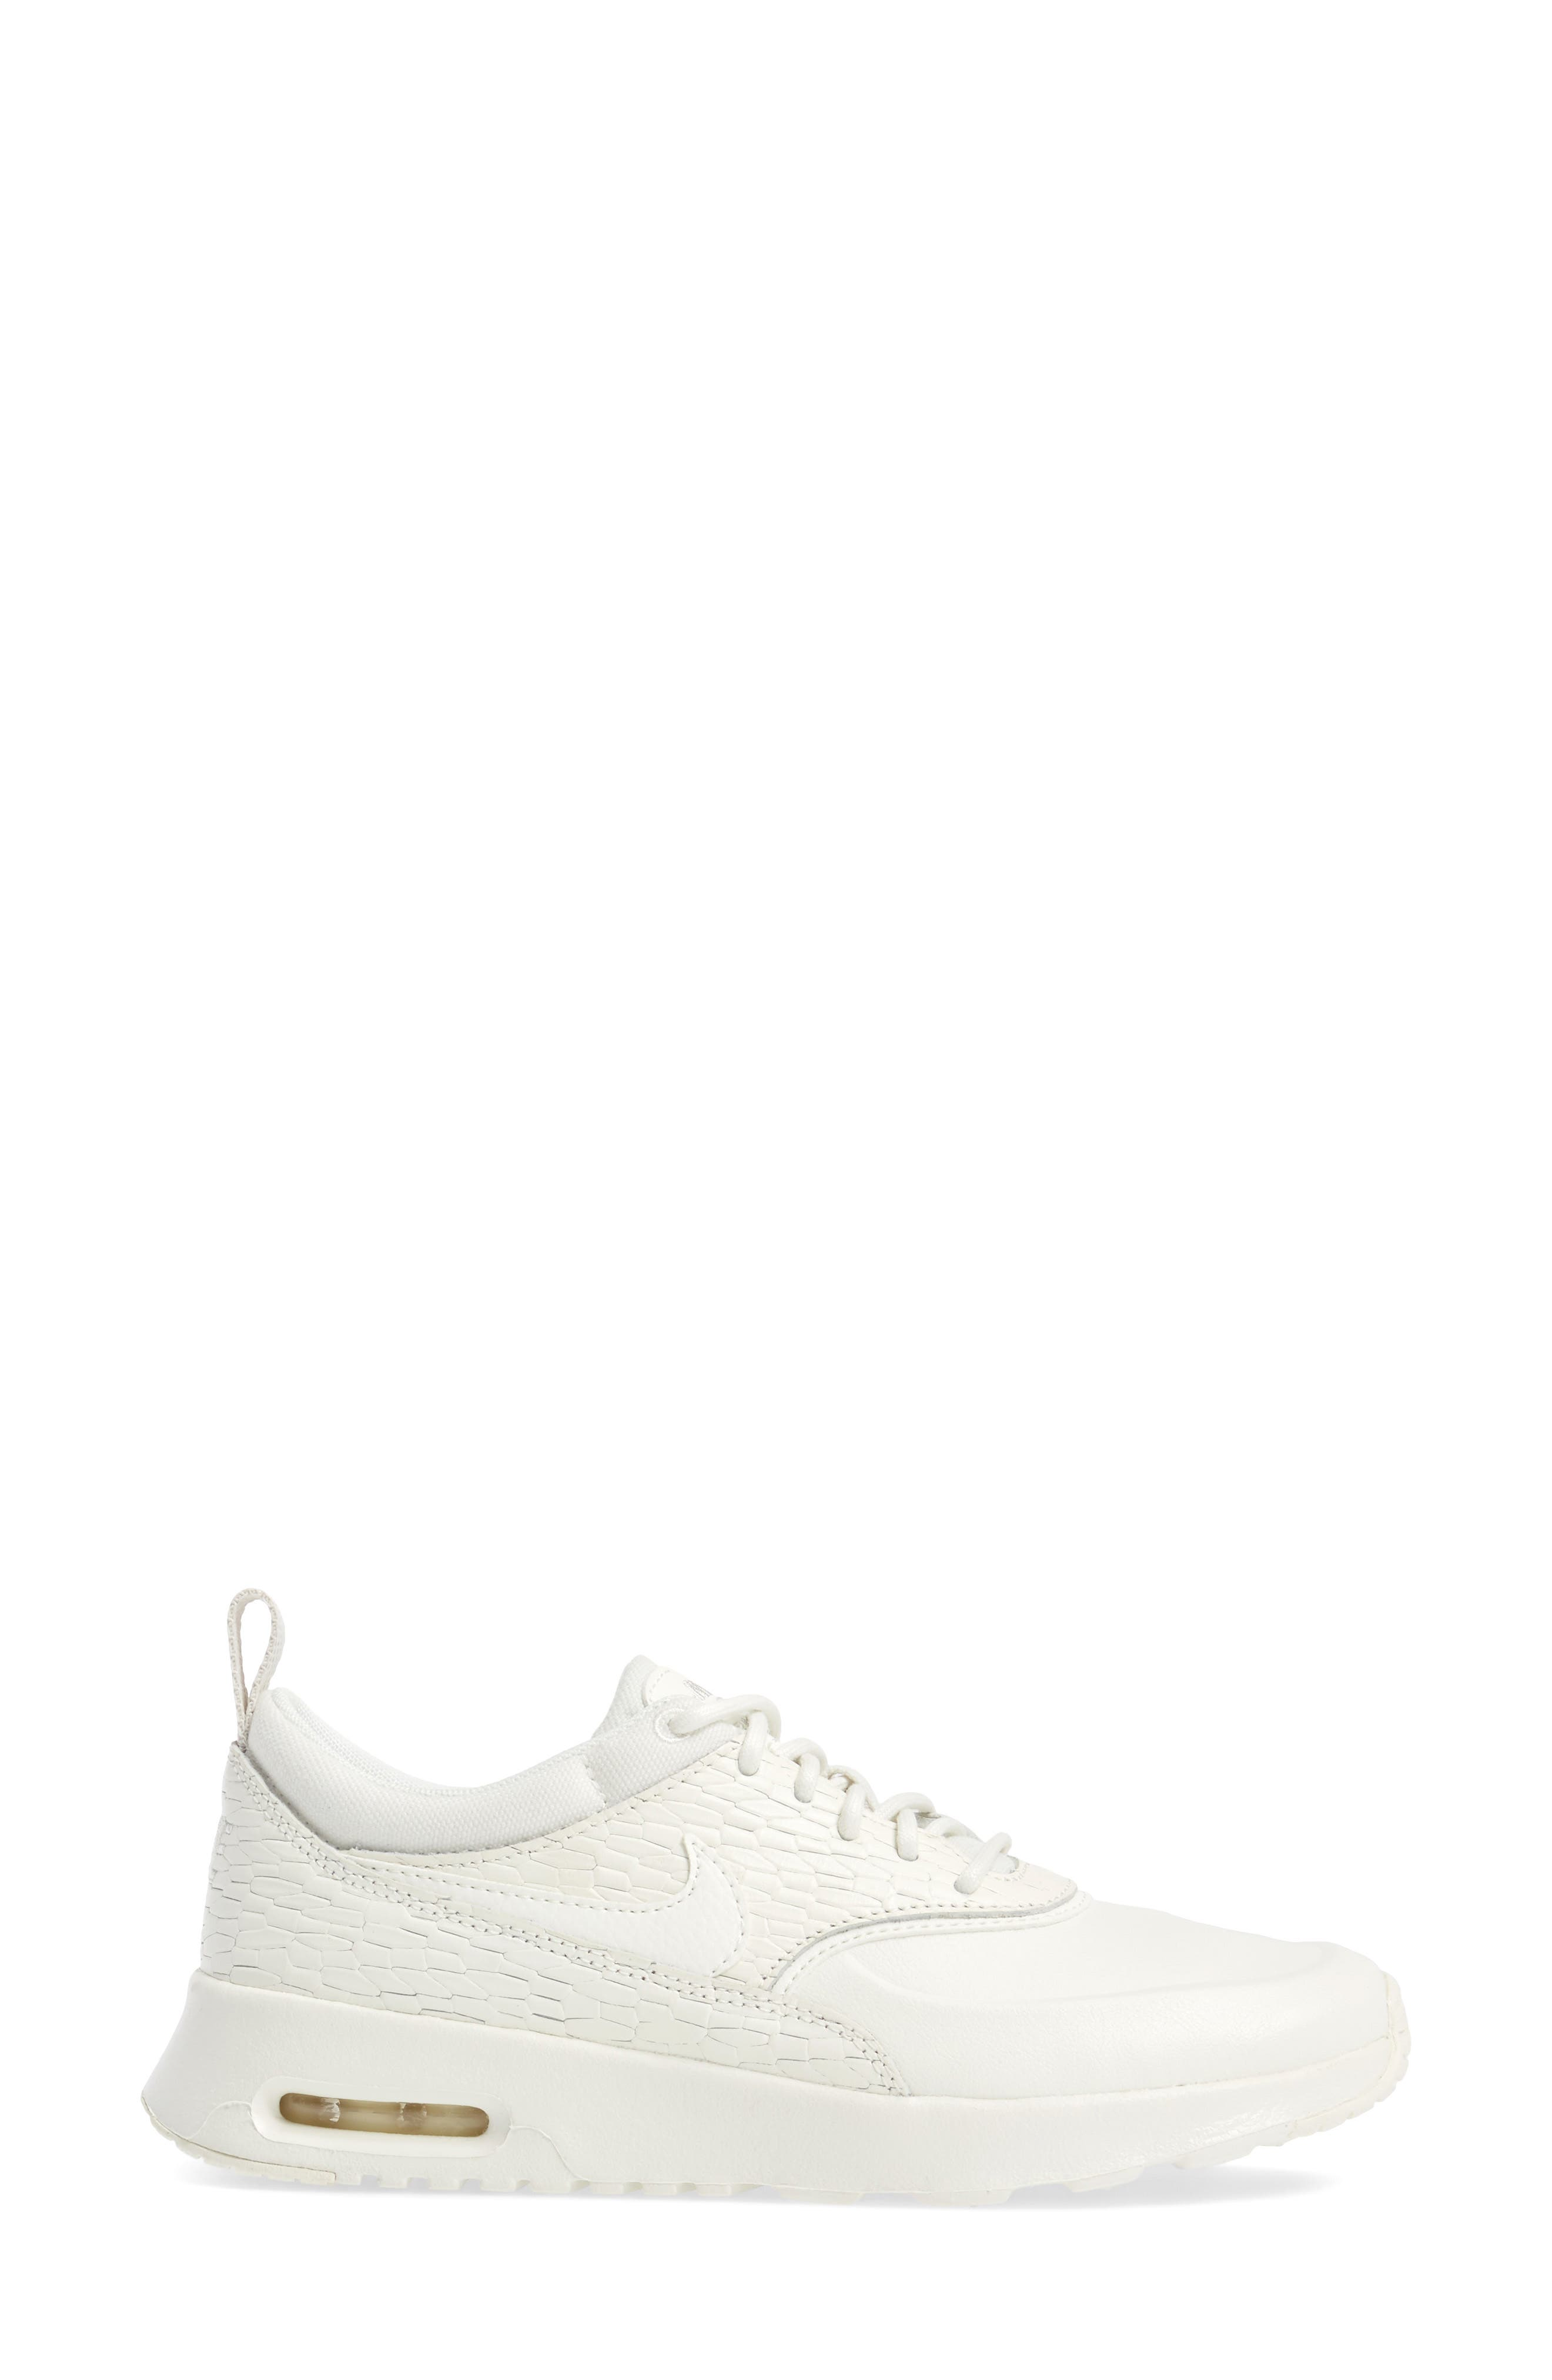 Air Max Thea Premium Sneaker,                             Alternate thumbnail 9, color,